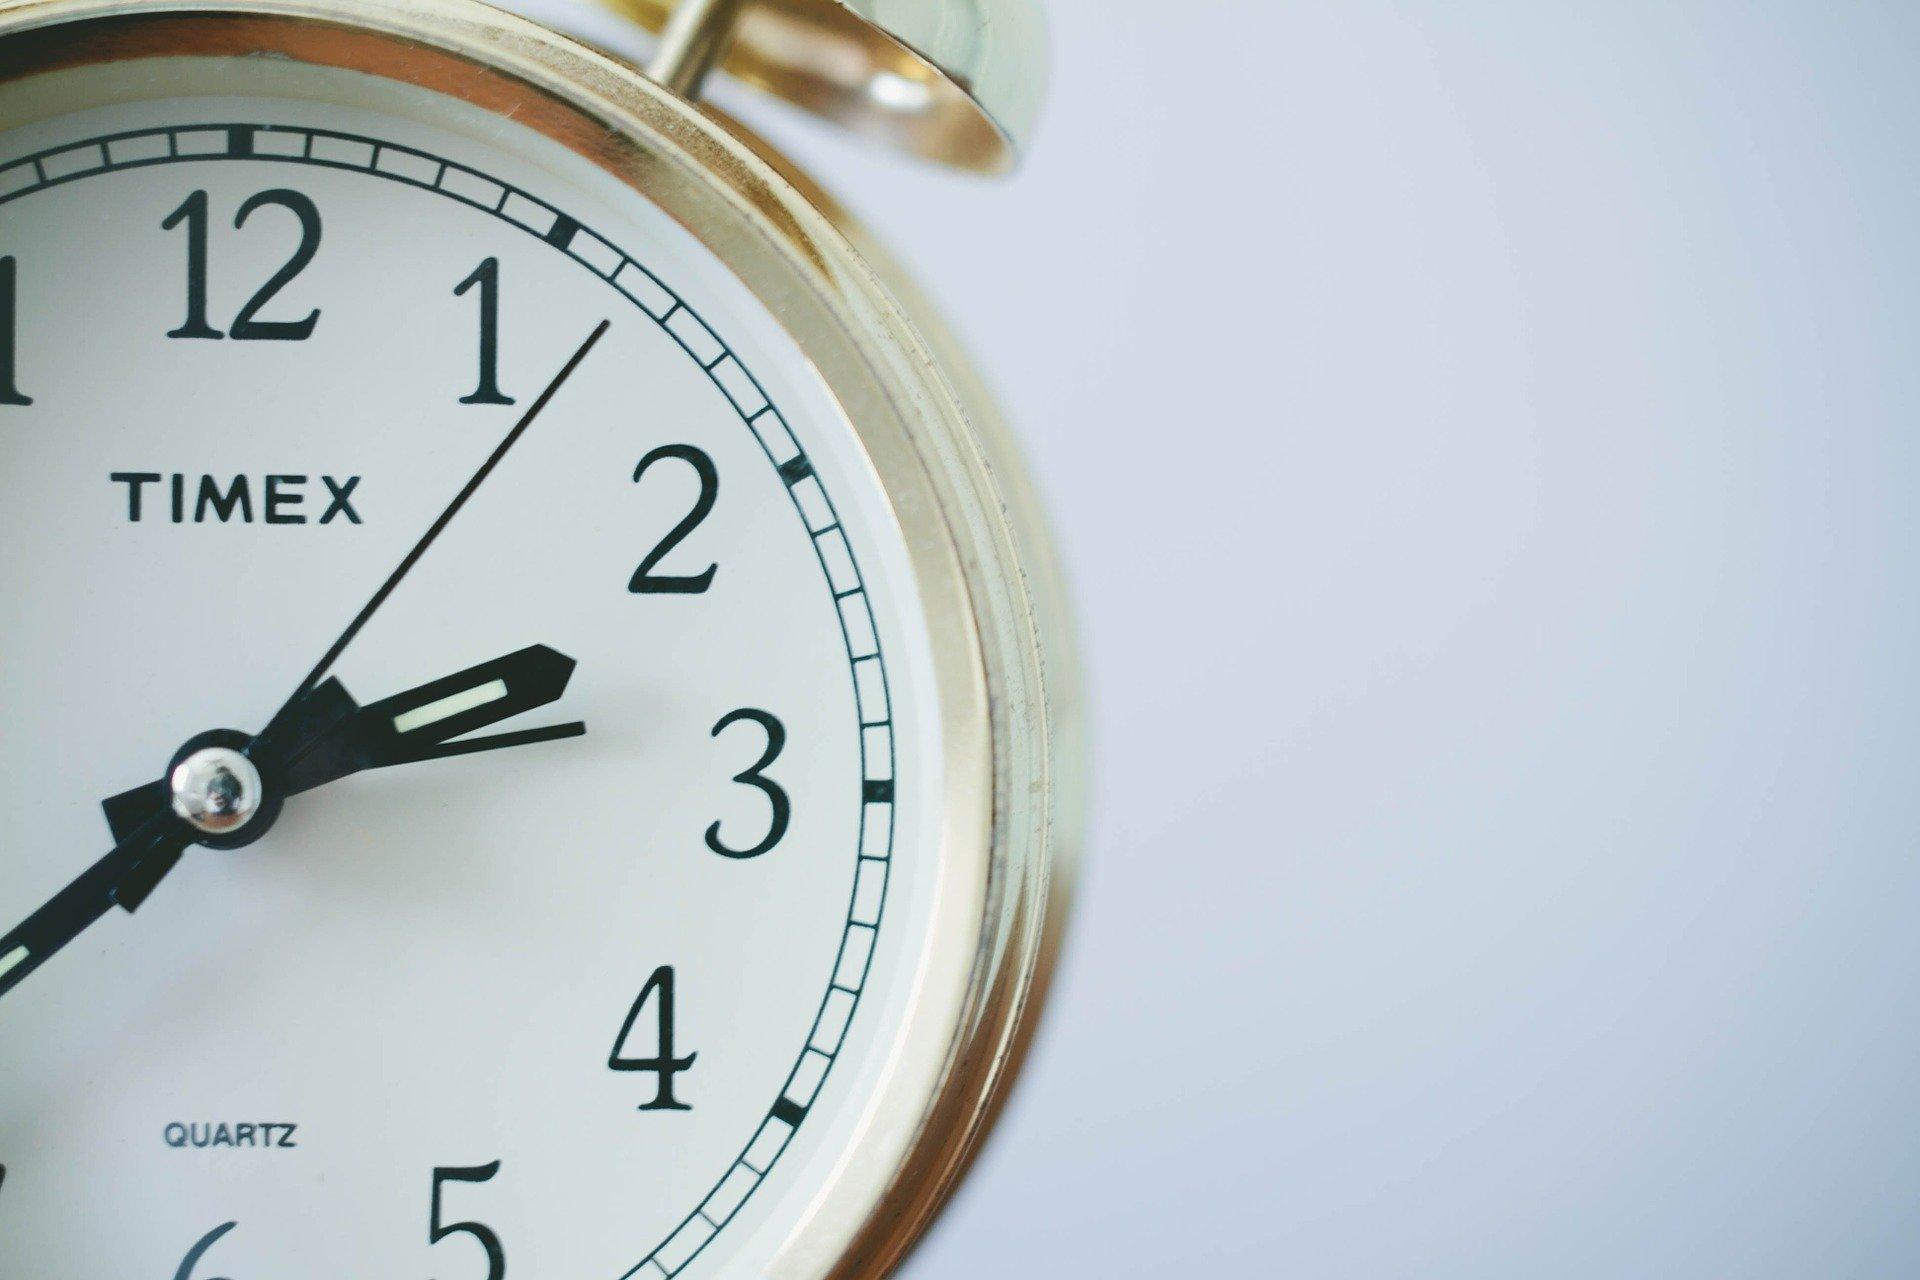 プログラミング独学での習得時間はどれくらい必要か?【現役エンジニアが解説】